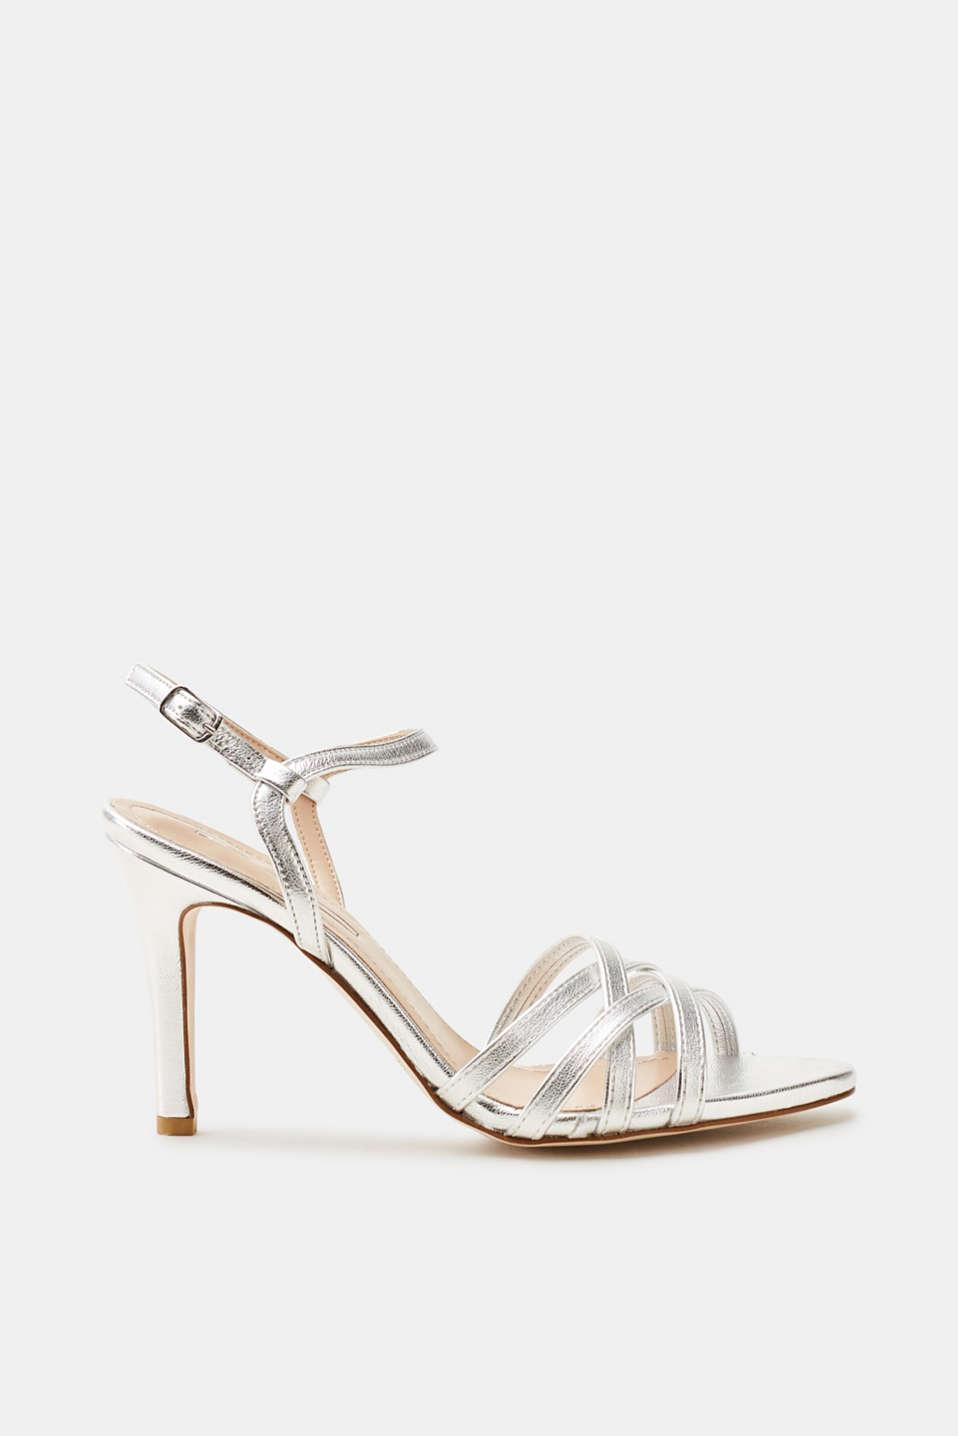 Esprit Metallic-Sandalette in Leder-Optik für Damen, Größe 41, Turquoise